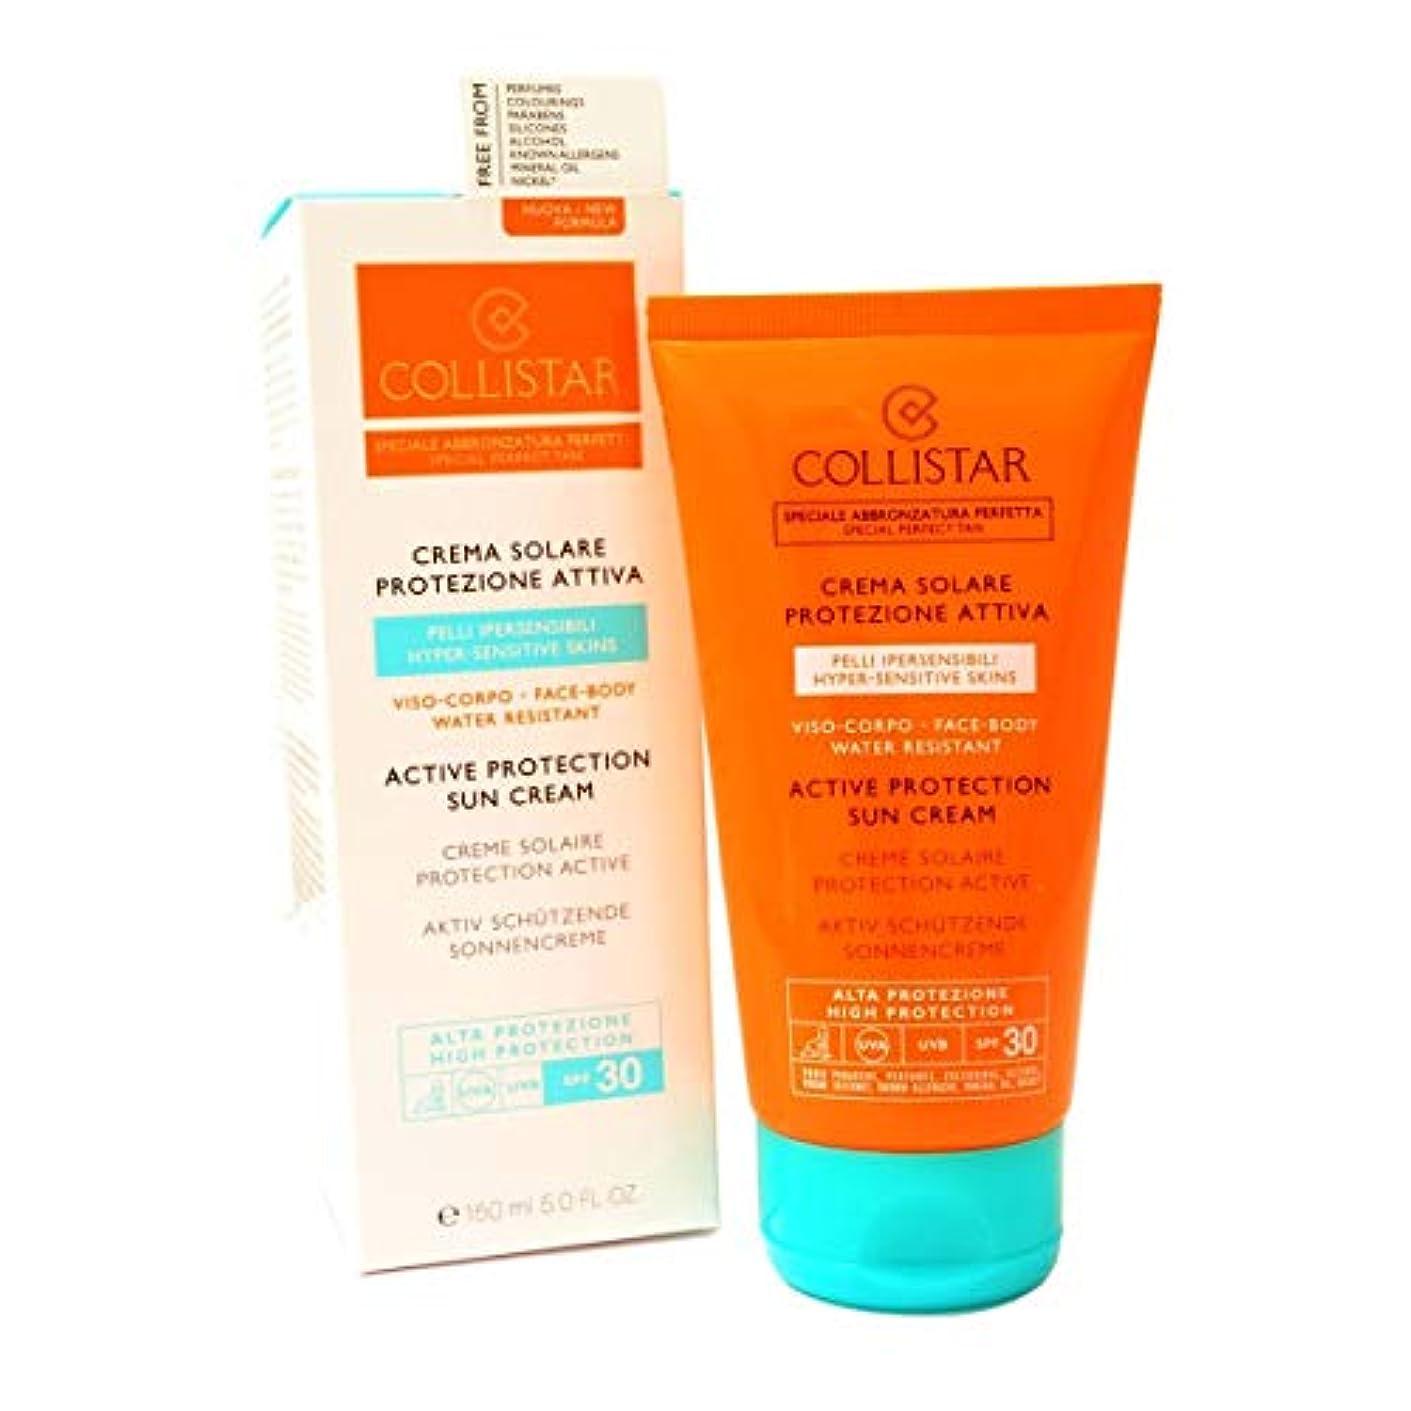 レインコート苦情文句範囲Collistar Active Protection Sun Cream Spf30 Face And Body 150ml [並行輸入品]